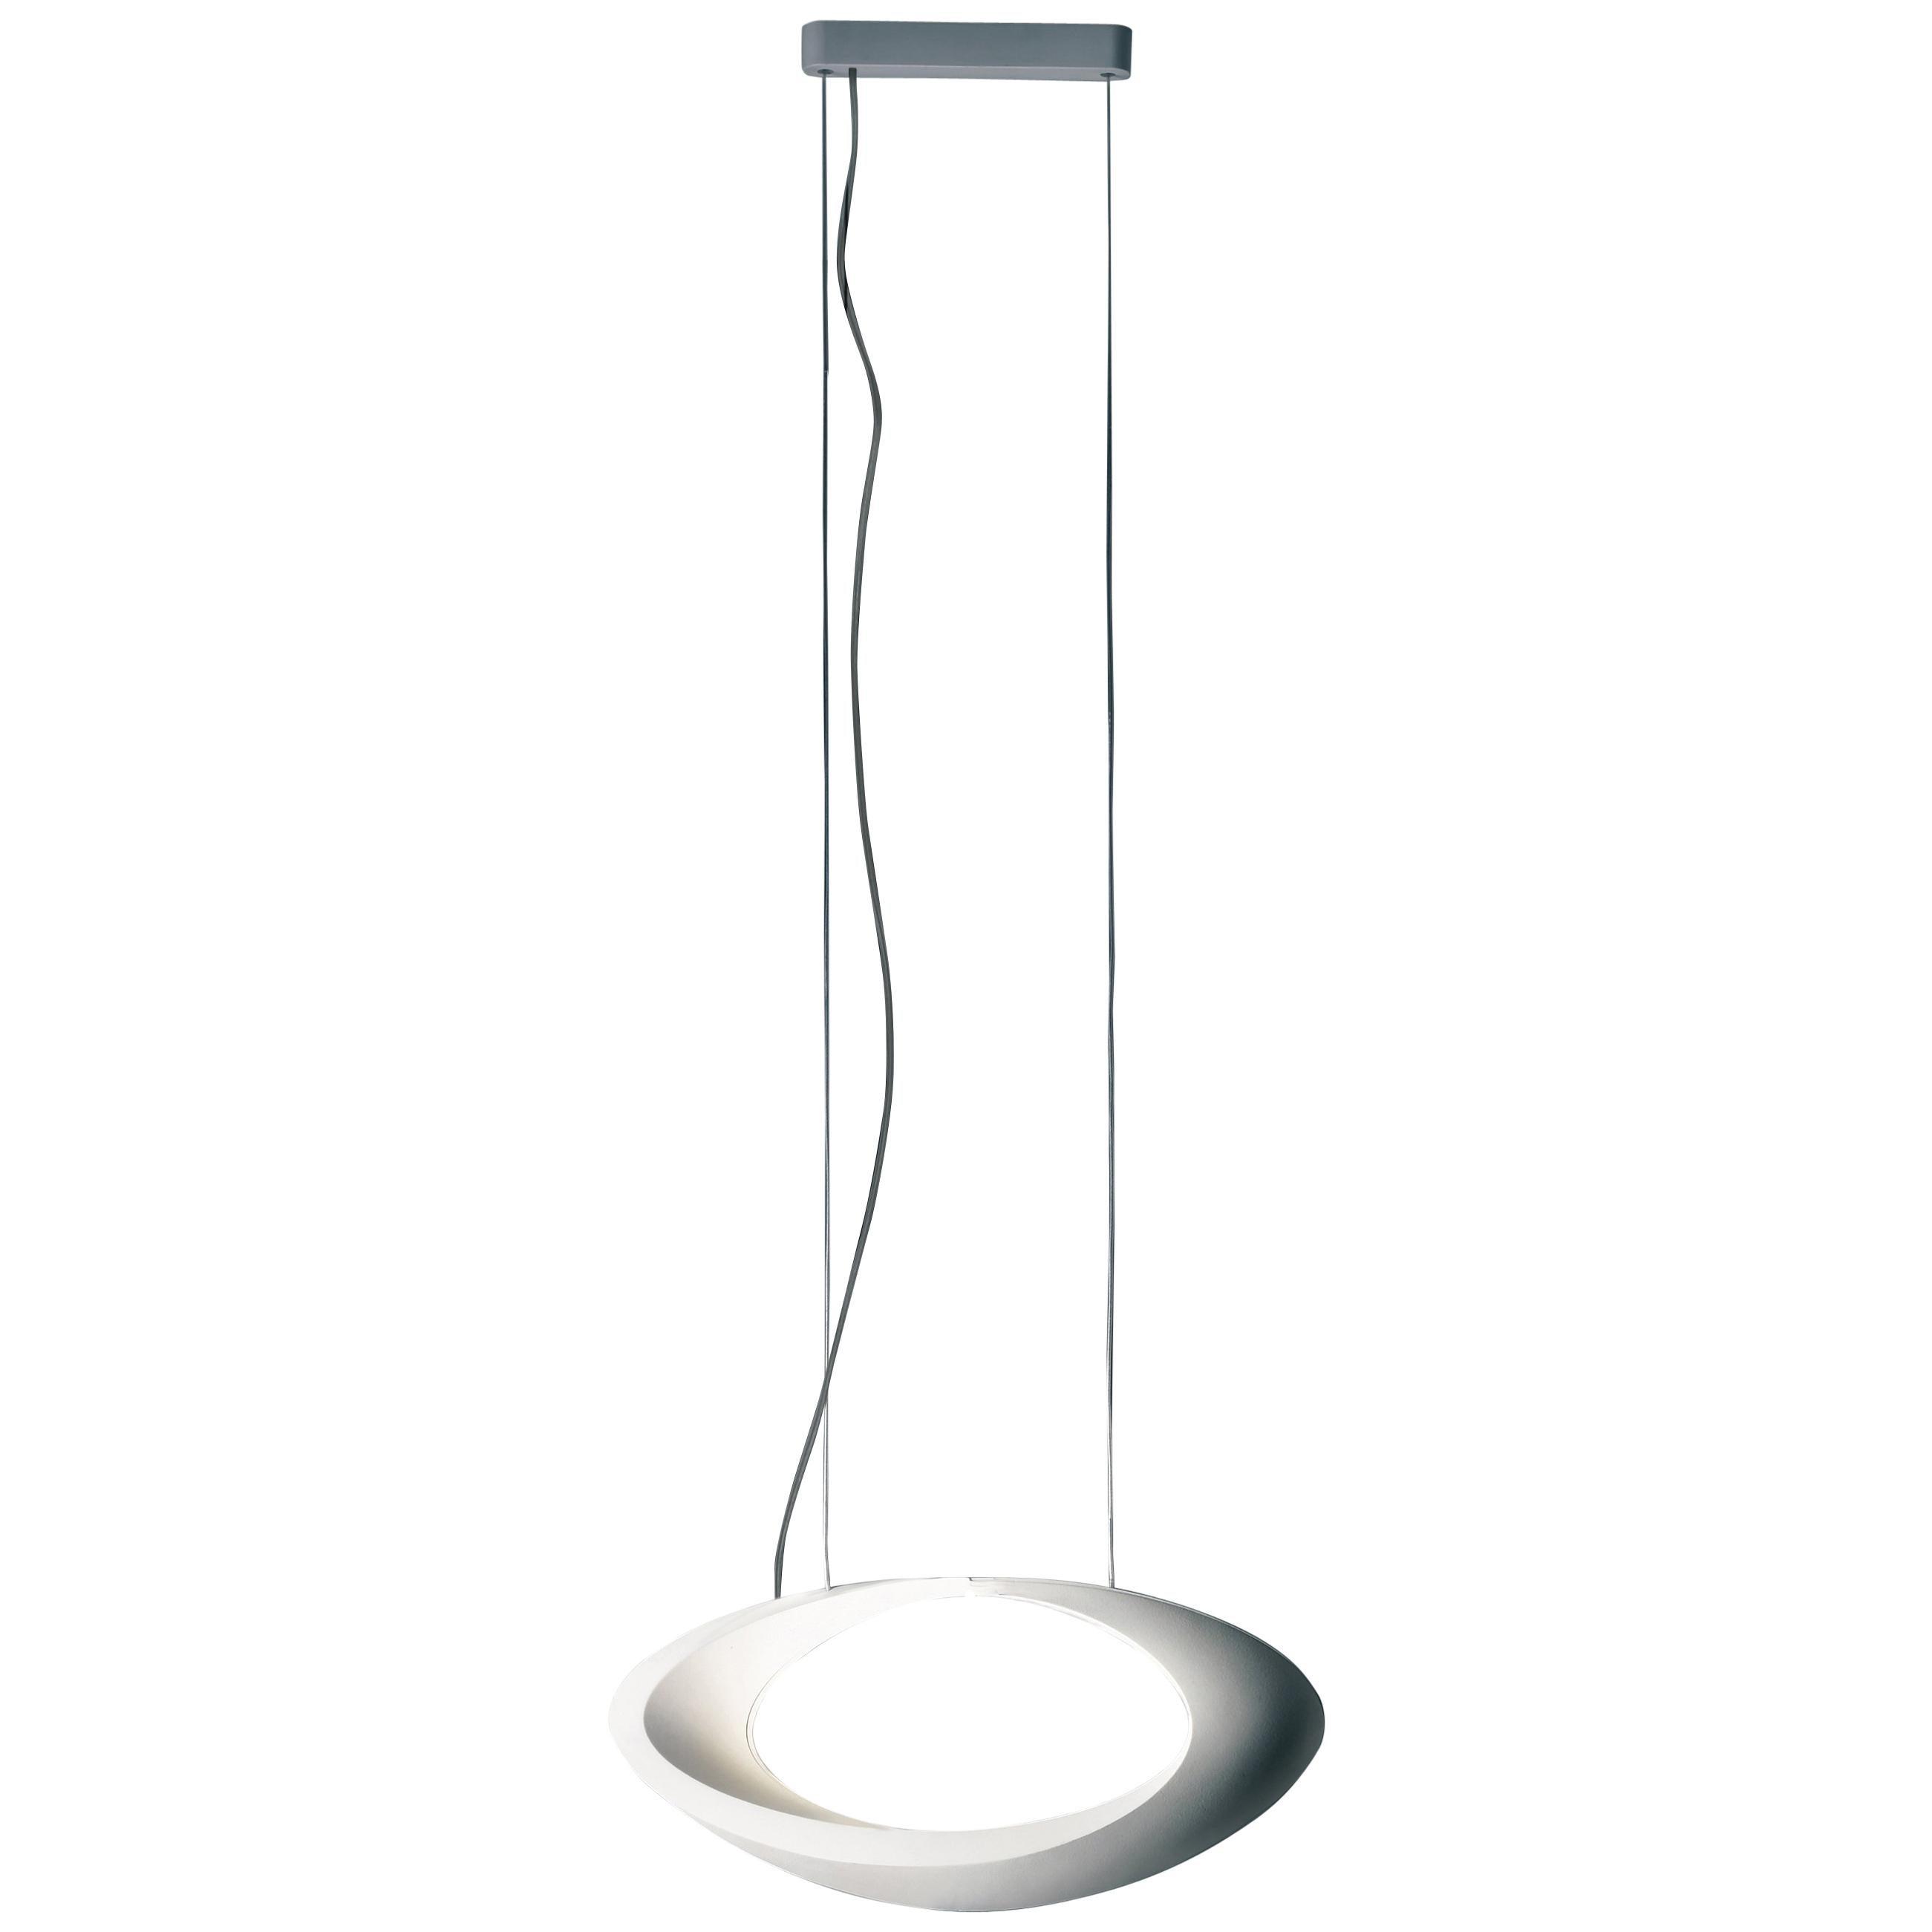 Artemide Cabildo 3000K LED Suspension Light in White